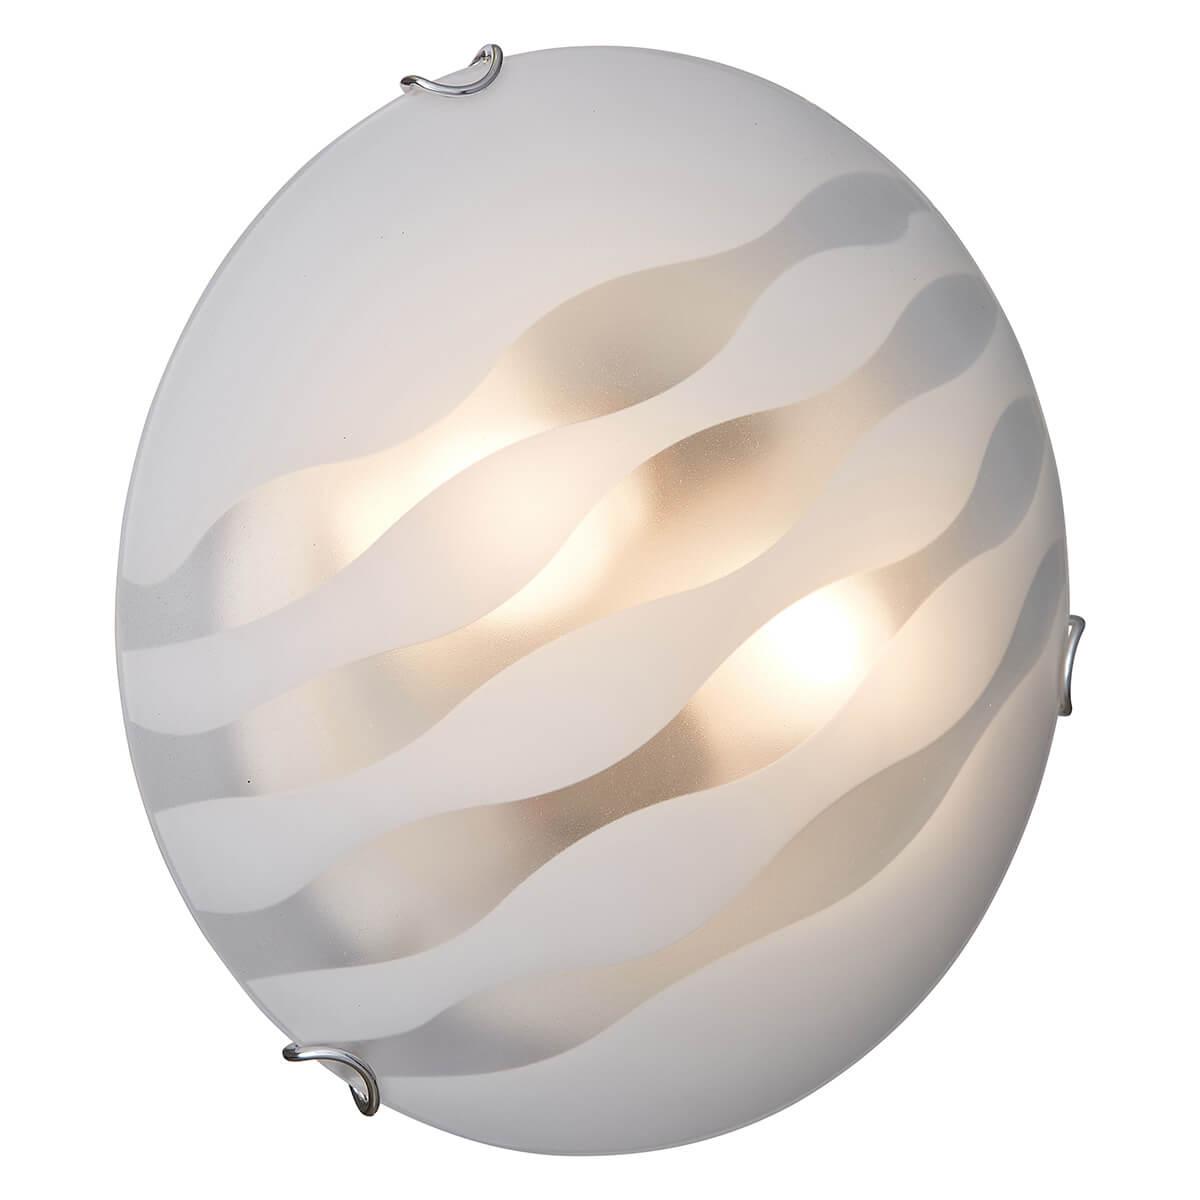 Потолочный светильник Sonex Ondina 333 цена